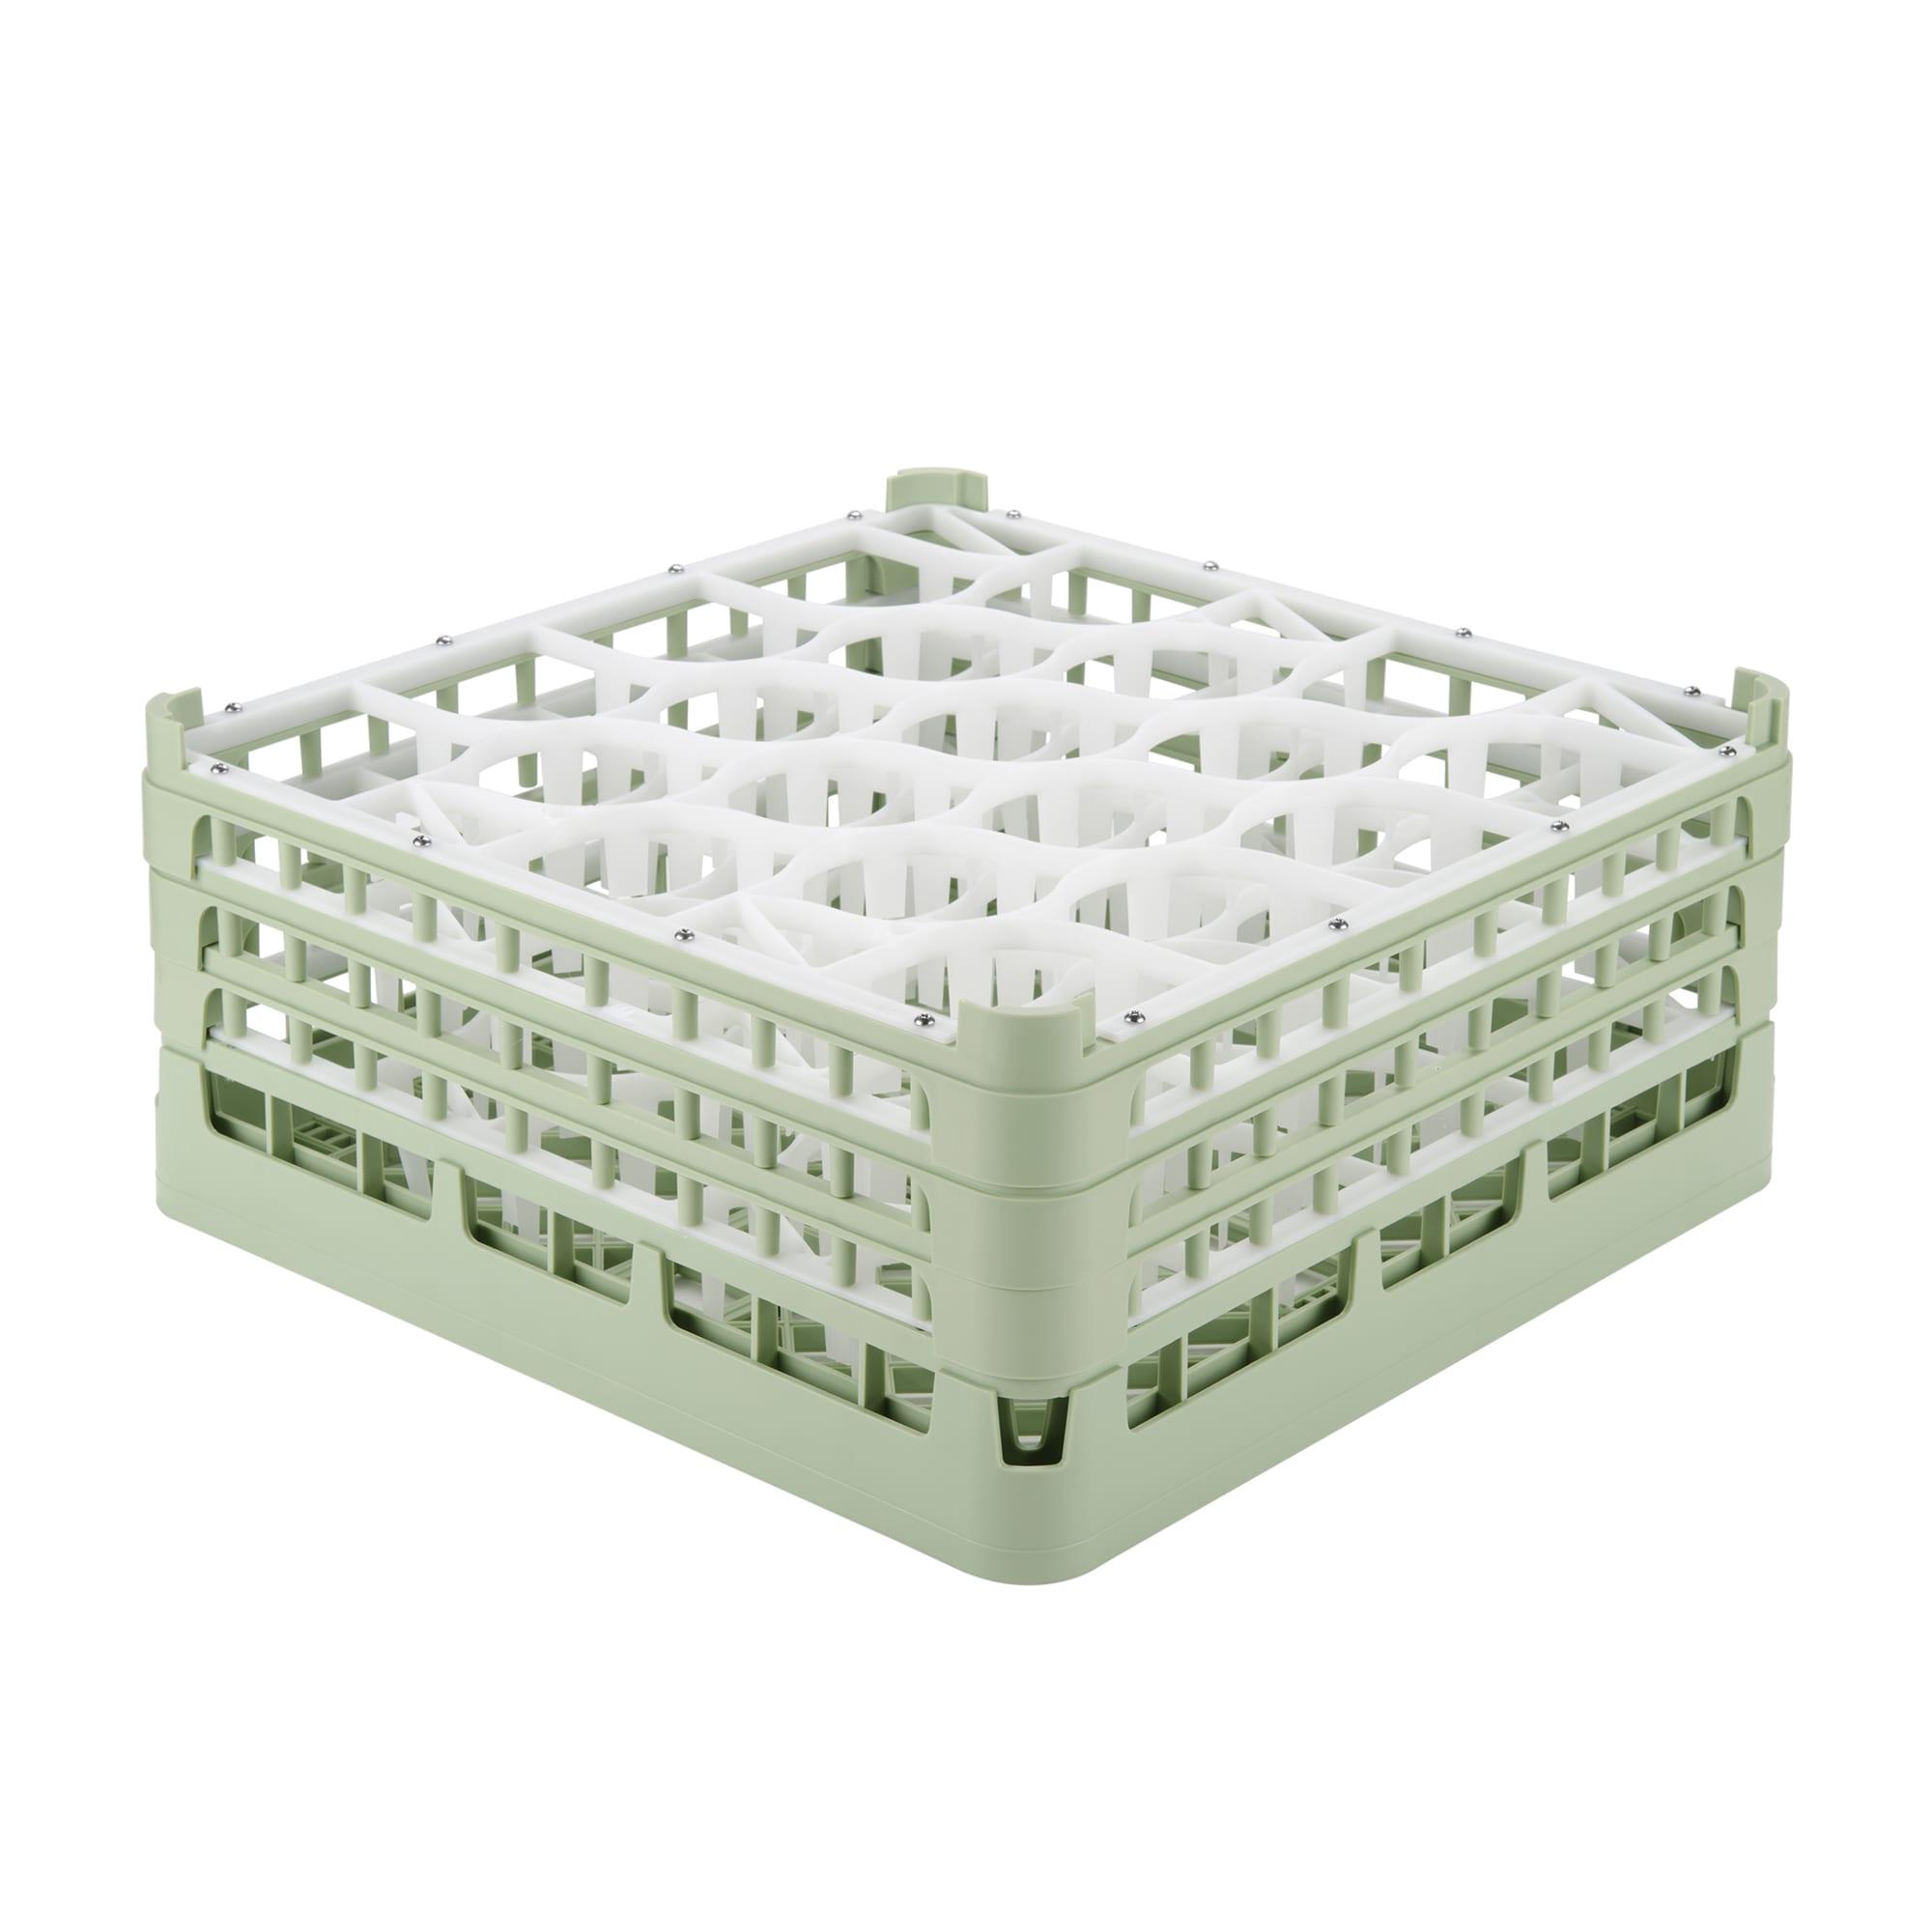 """Vollrath 52706 1 Dishwasher Rack - 20-Lemon-Drop, X-Tall, Full-Size, 19-3/4x19-3/4"""" Green"""